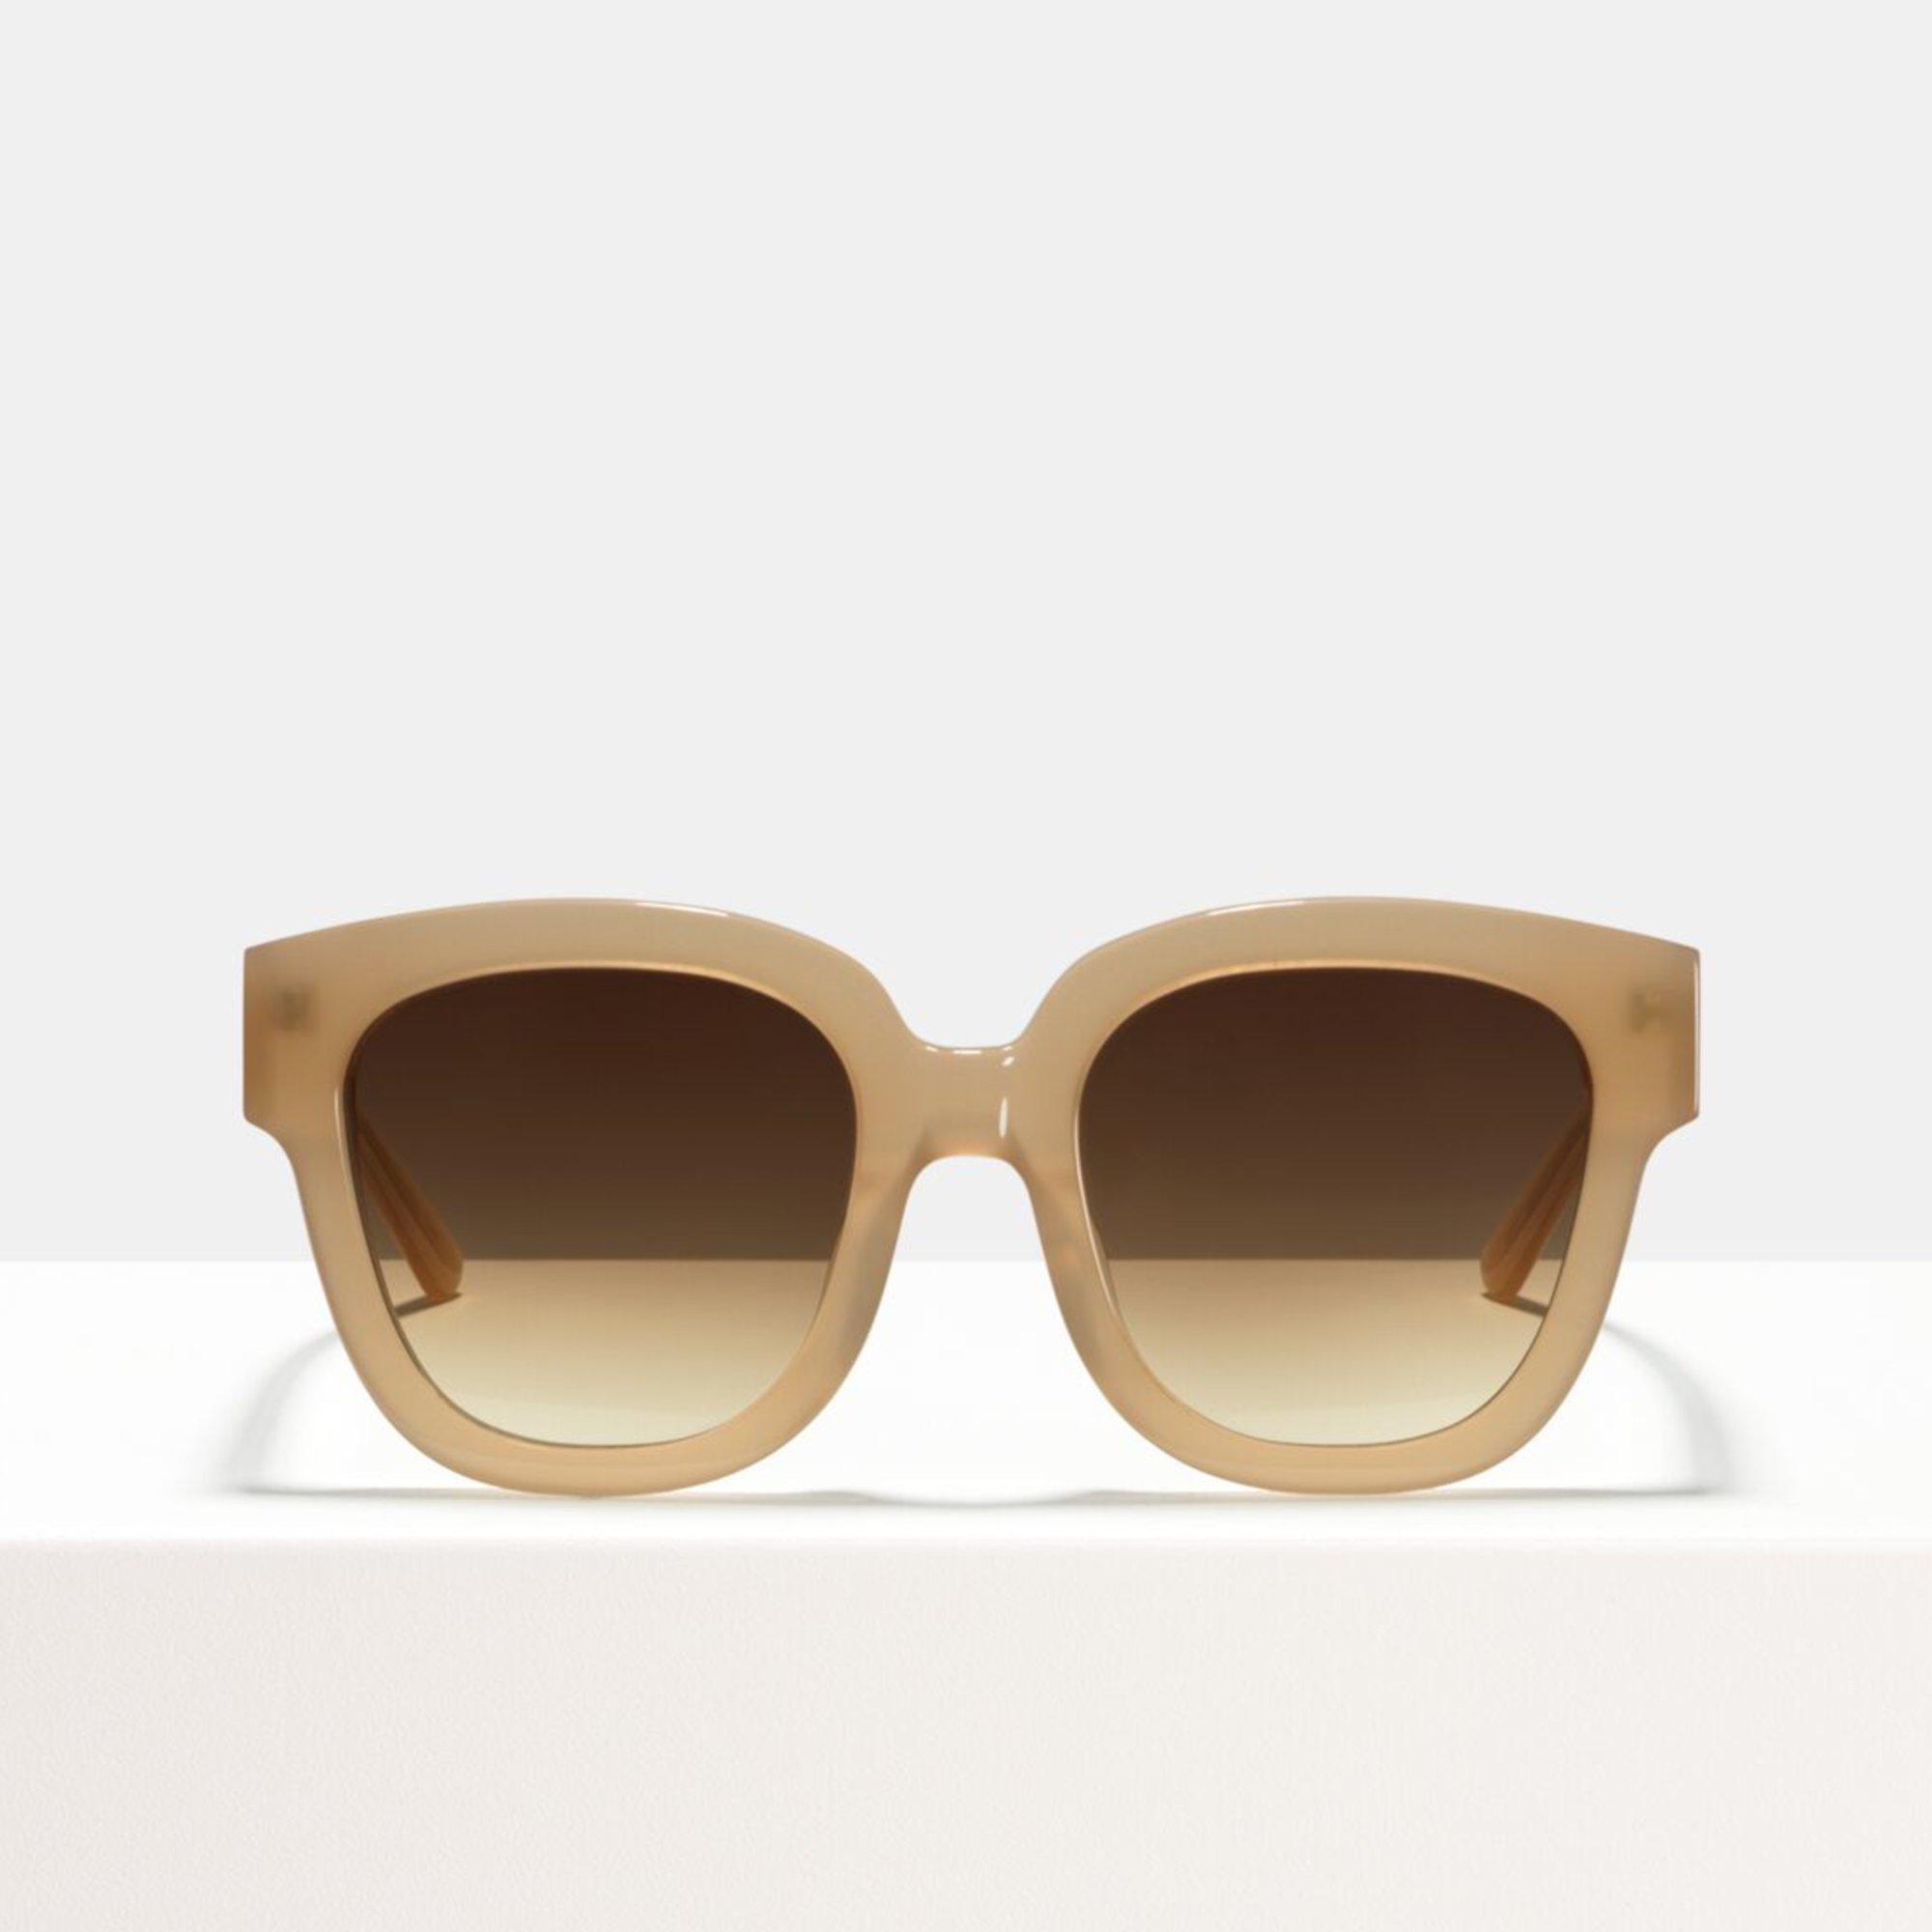 Ace & Tate Sunglasses | quadratisch Acetat in Beige